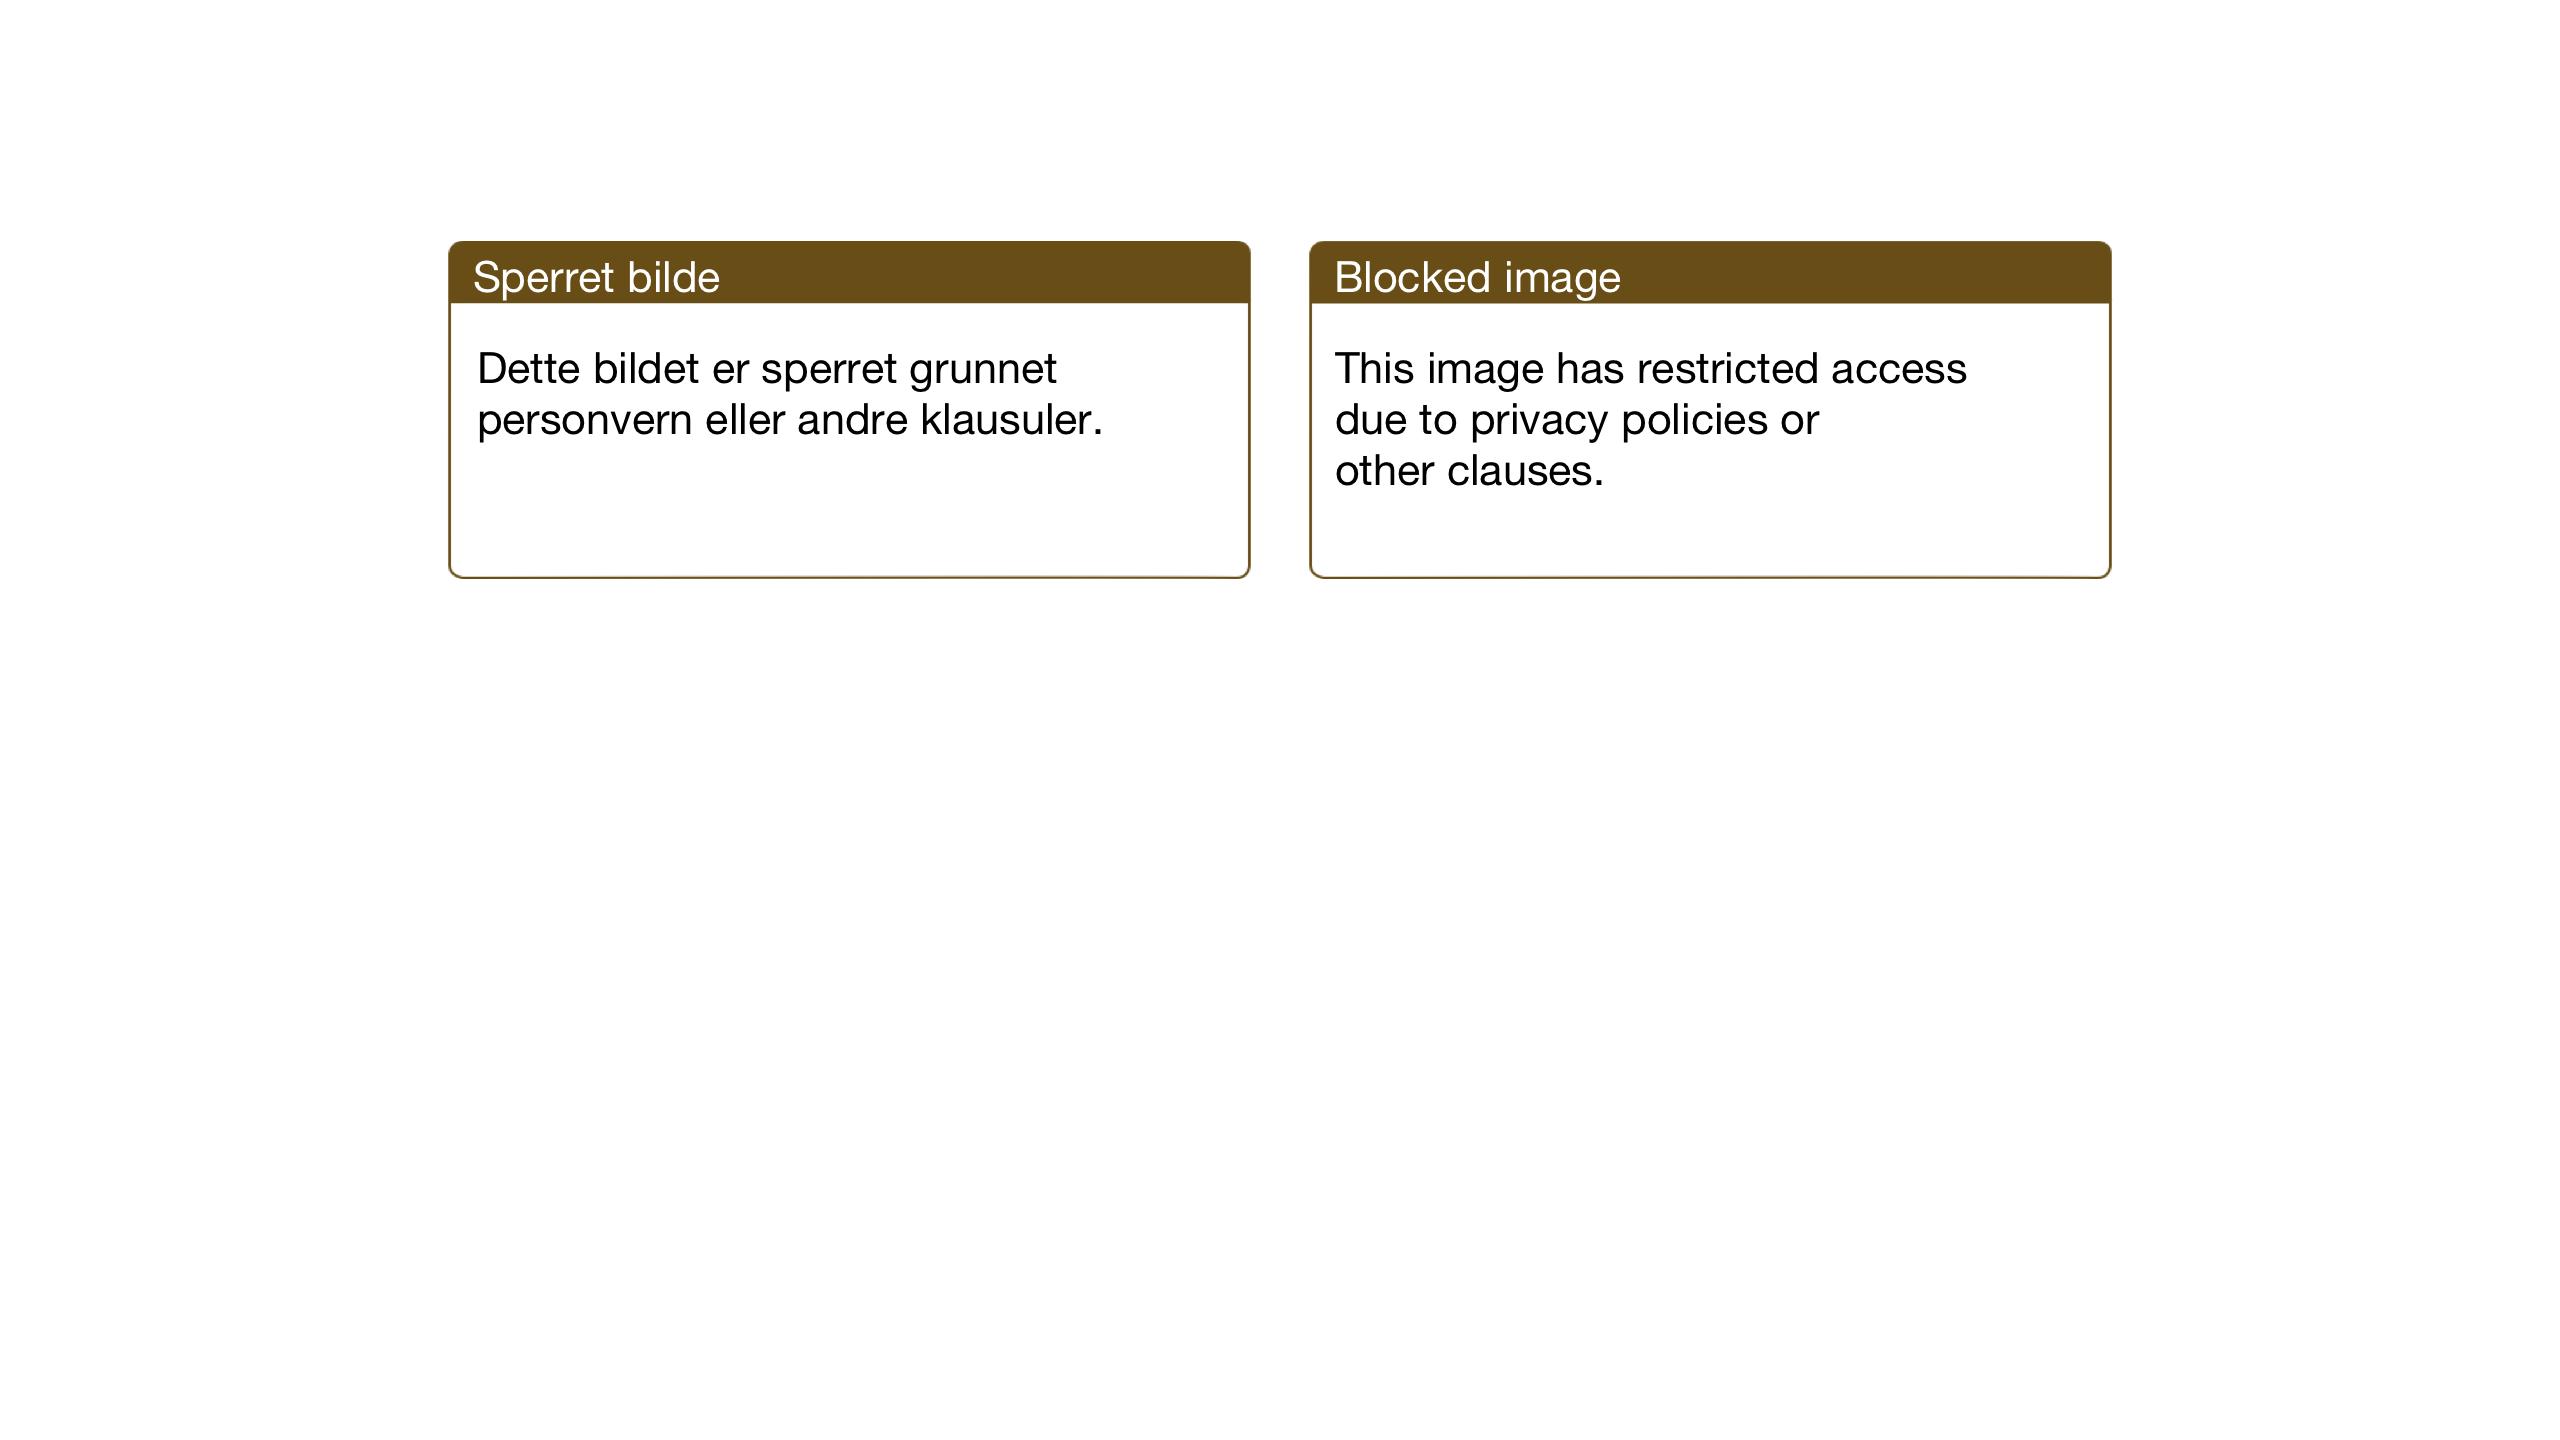 SAT, Ministerialprotokoller, klokkerbøker og fødselsregistre - Nord-Trøndelag, 709/L0089: Klokkerbok nr. 709C03, 1935-1948, s. 143